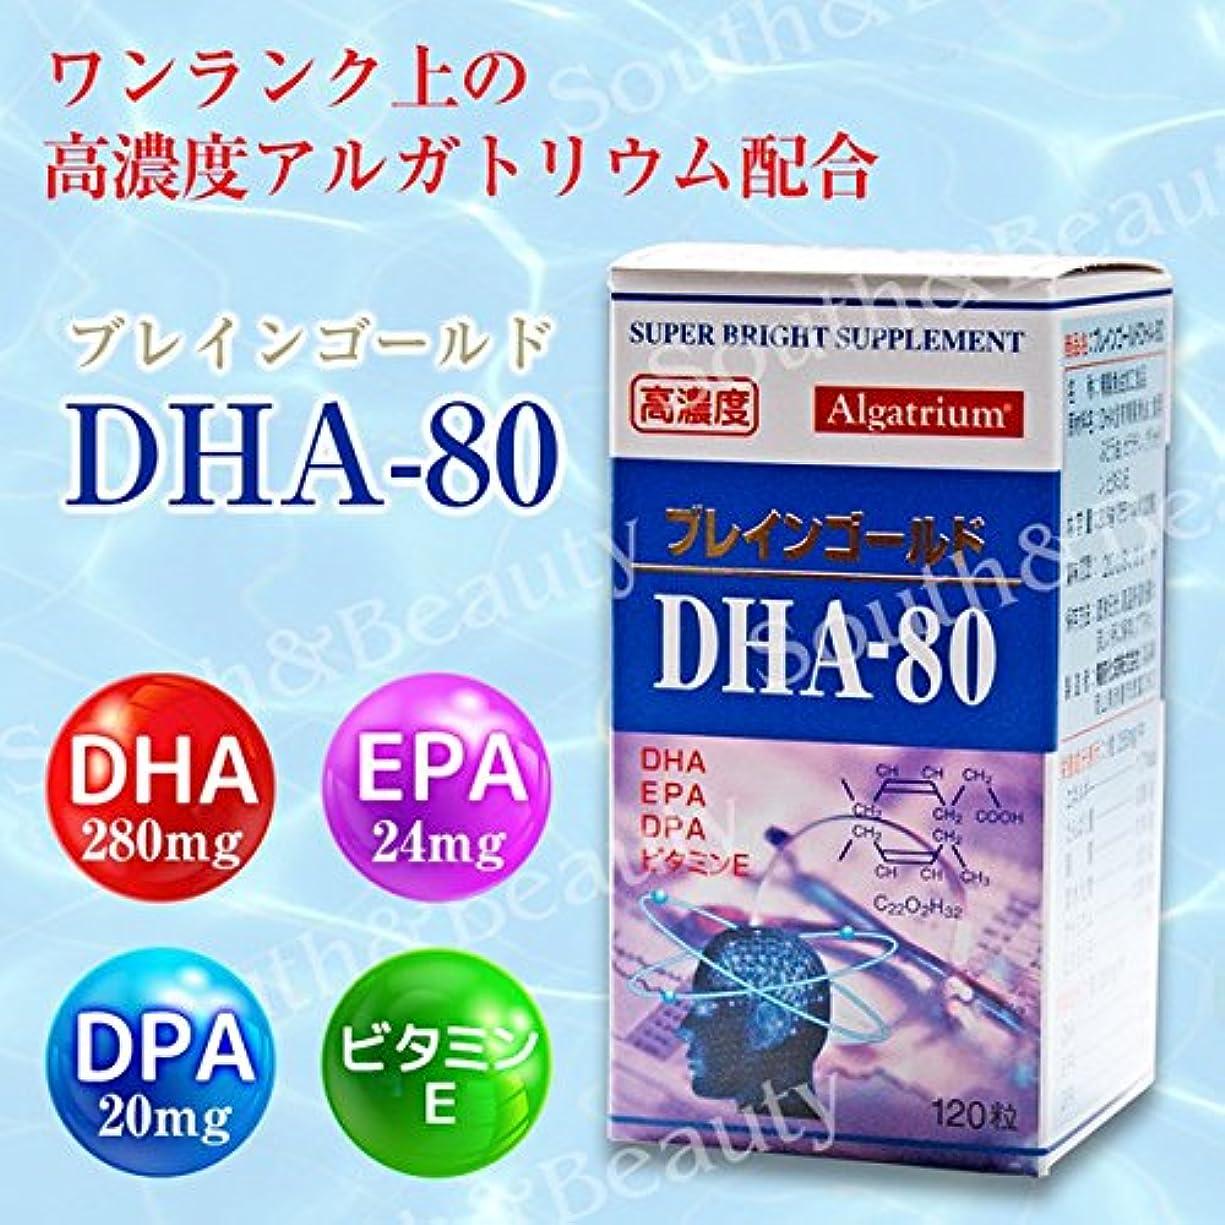 フォーカスリズムレベルブレインゴールドDHA‐80